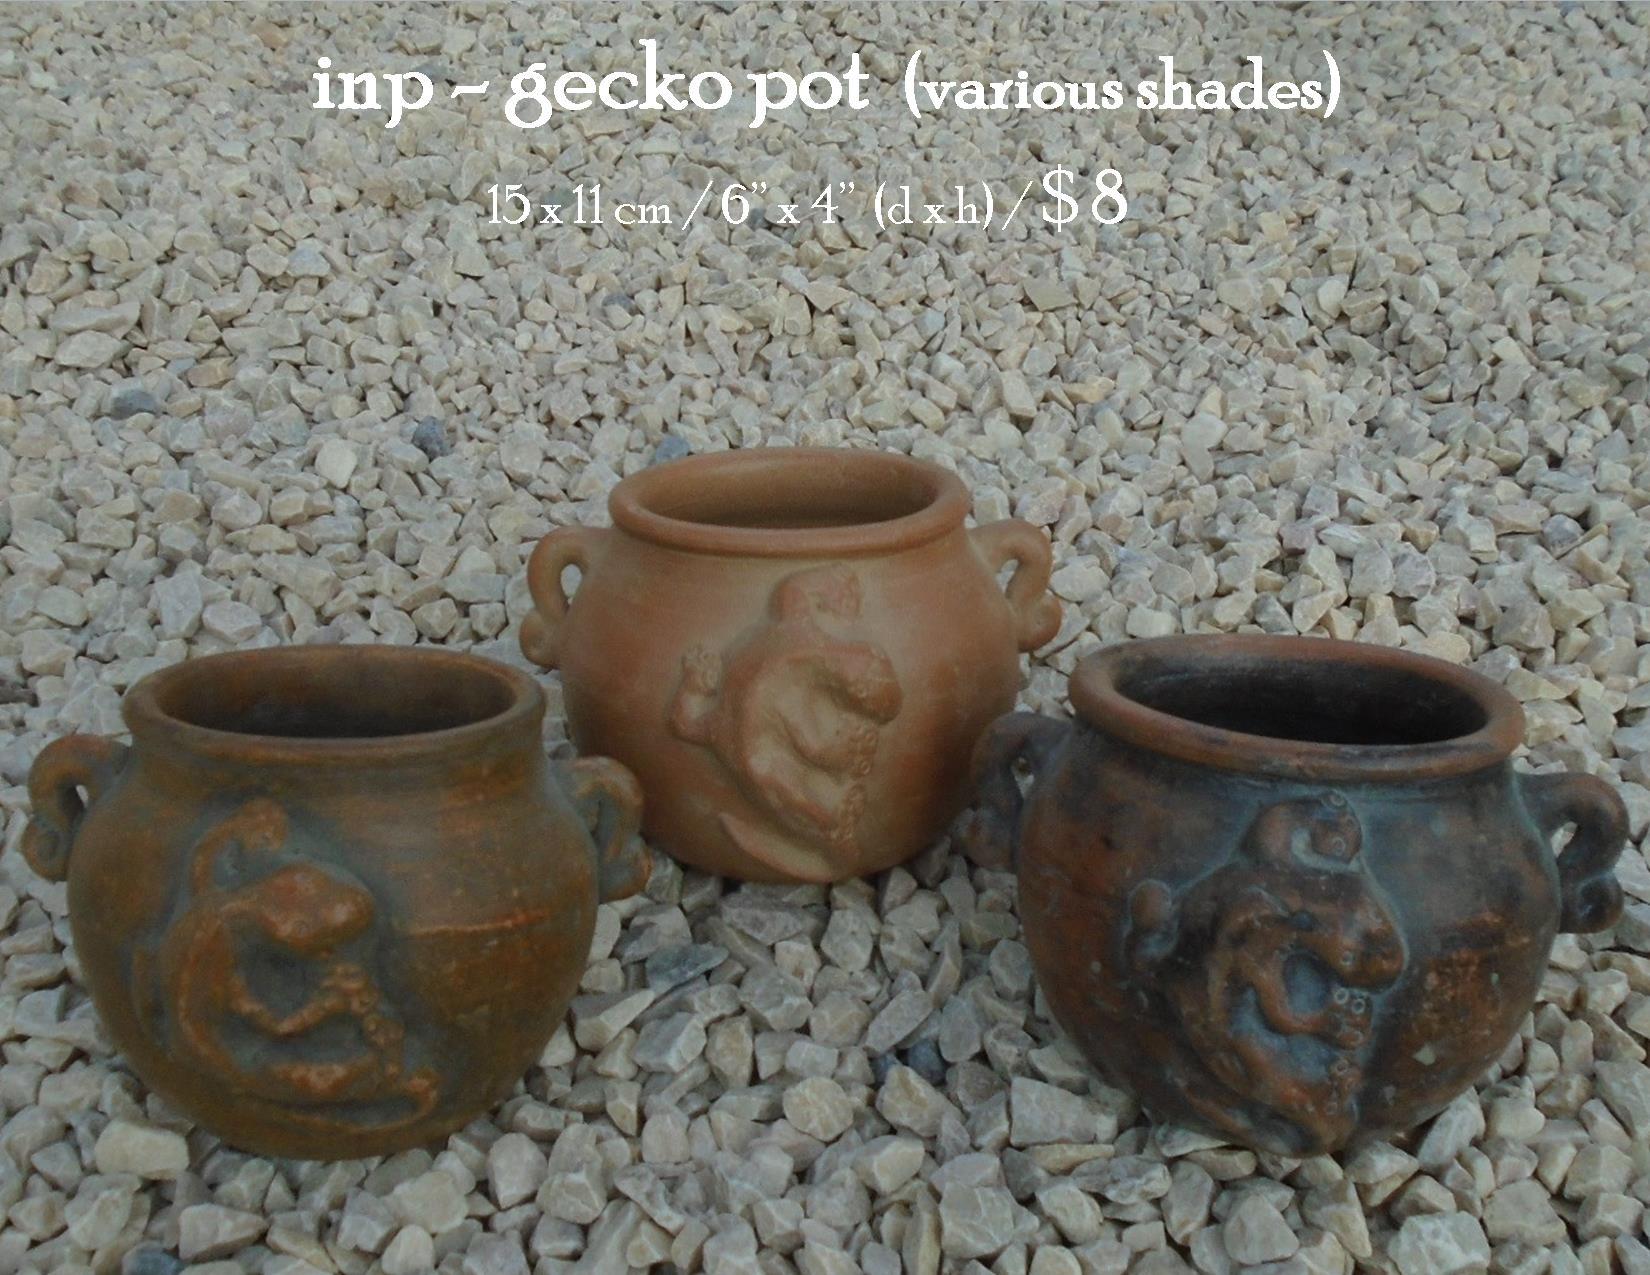 inp - gecko pot